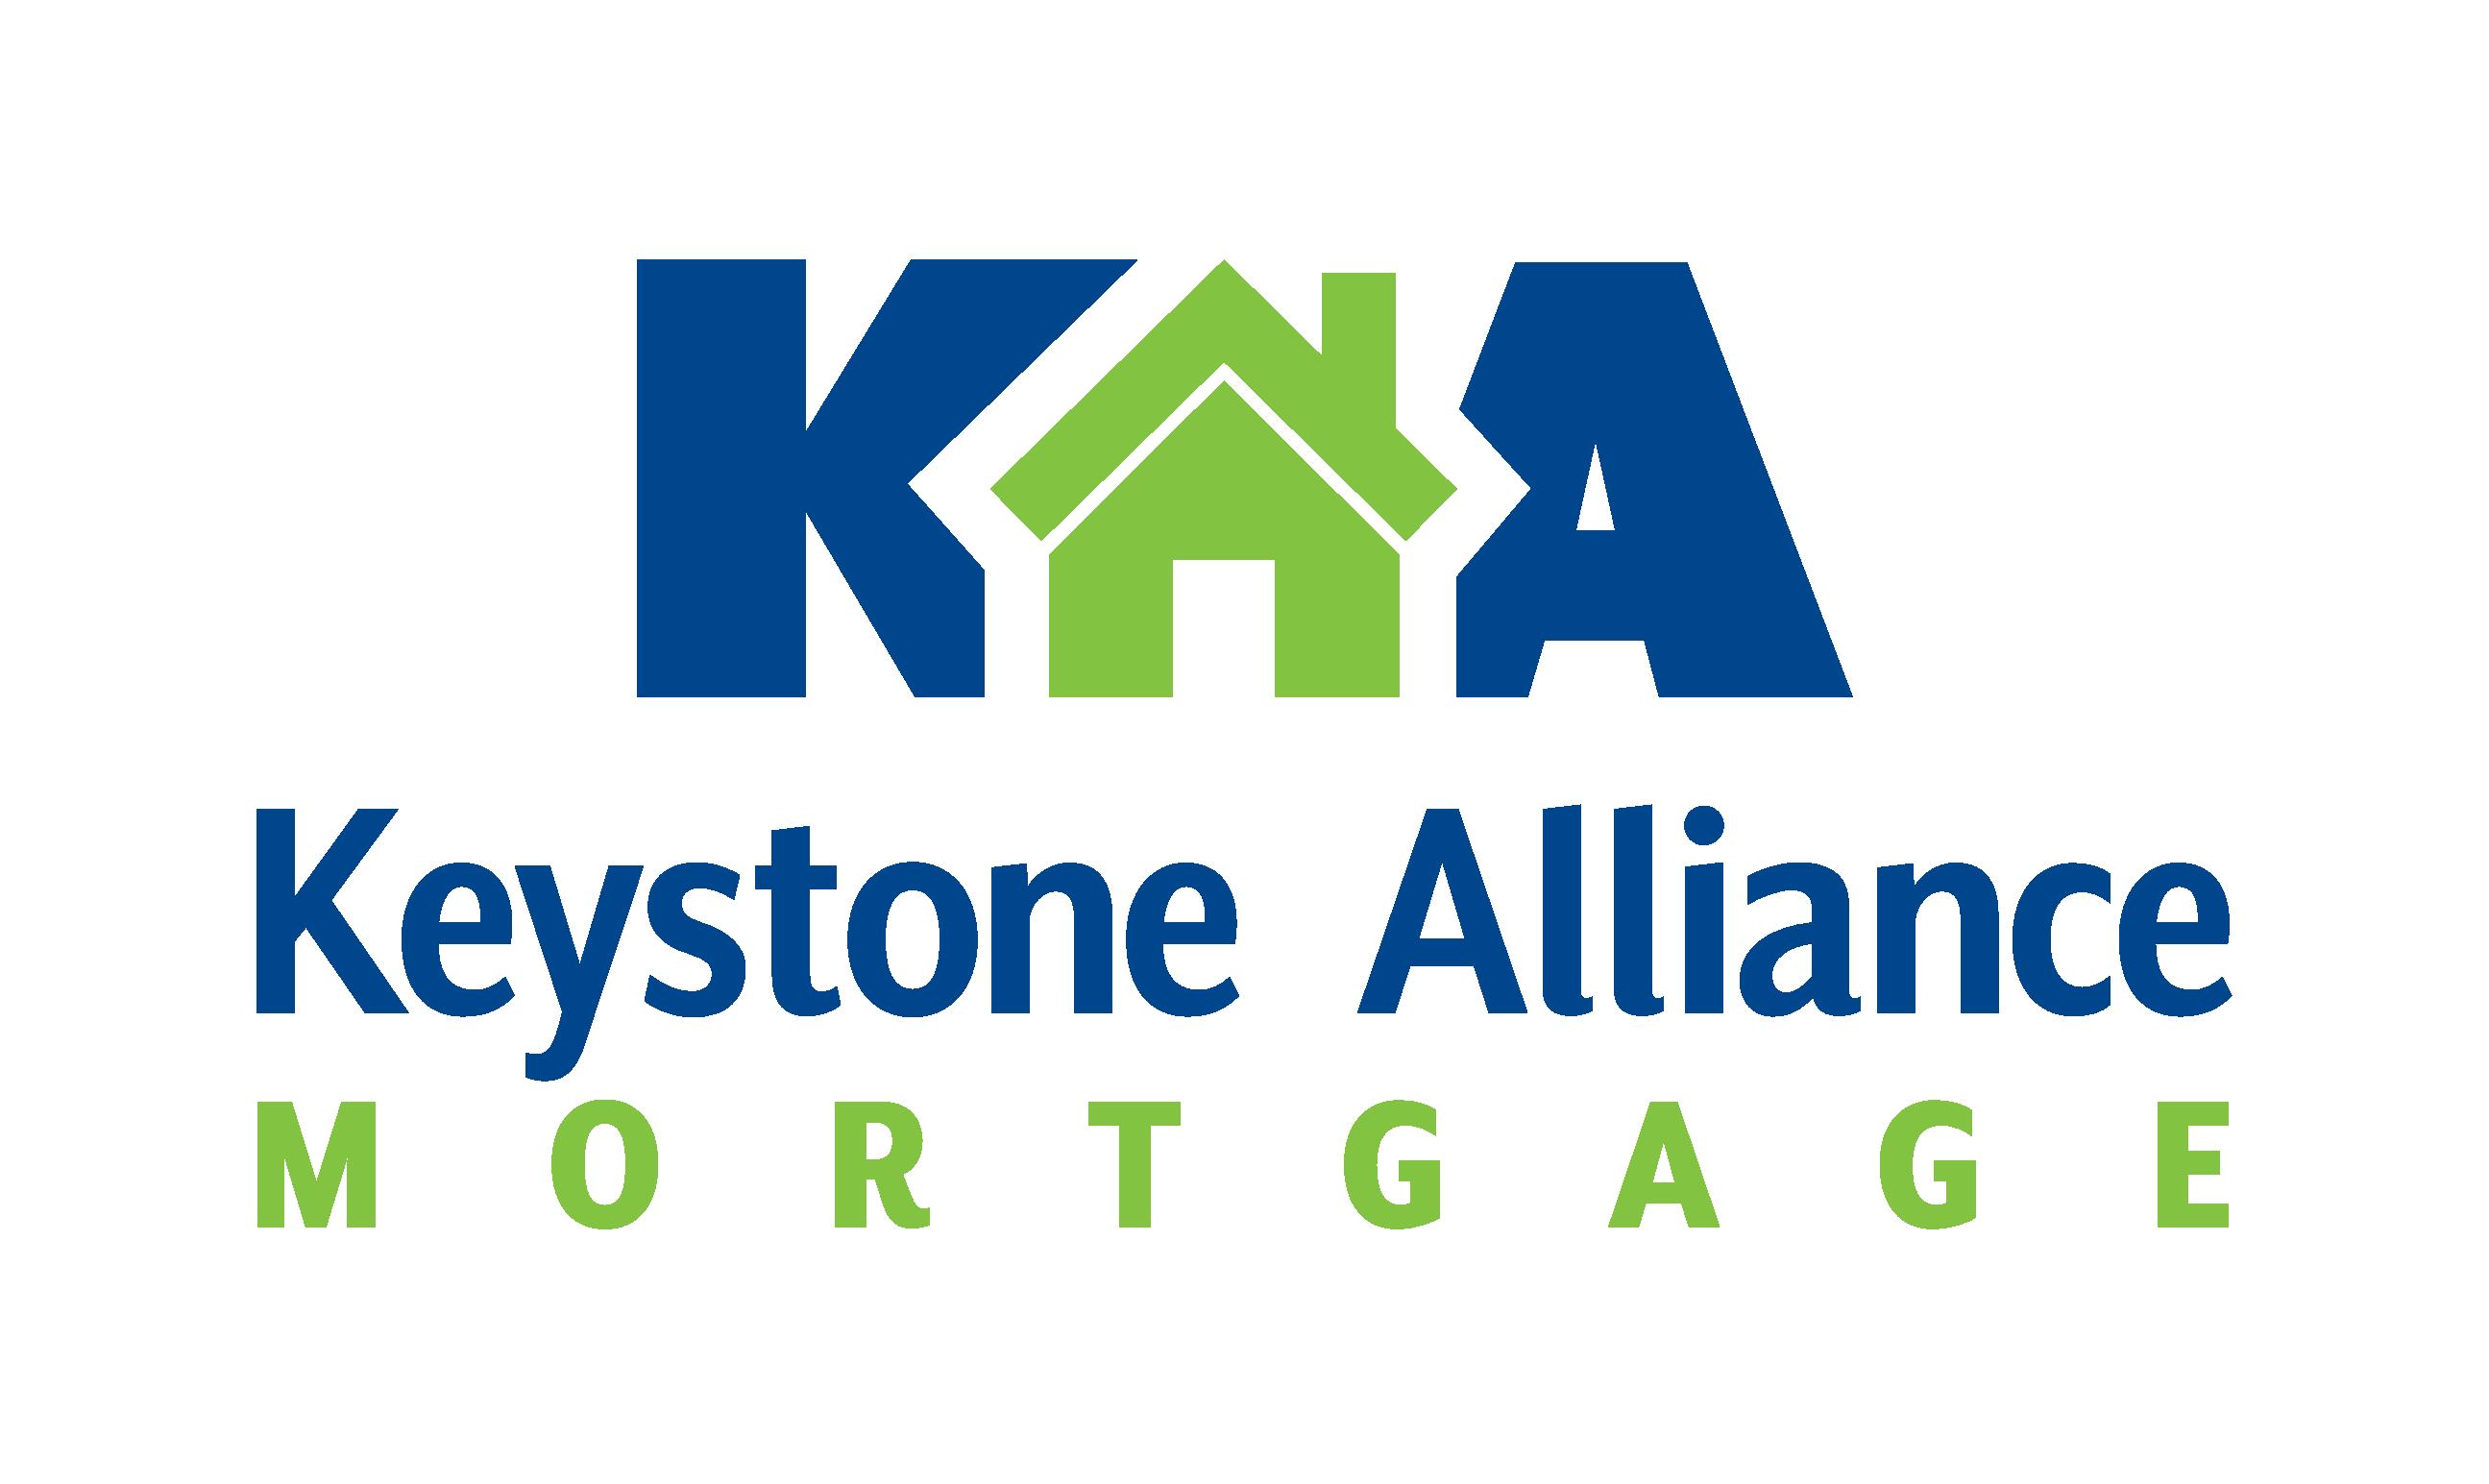 Keystone Alliance Mortgage Logo